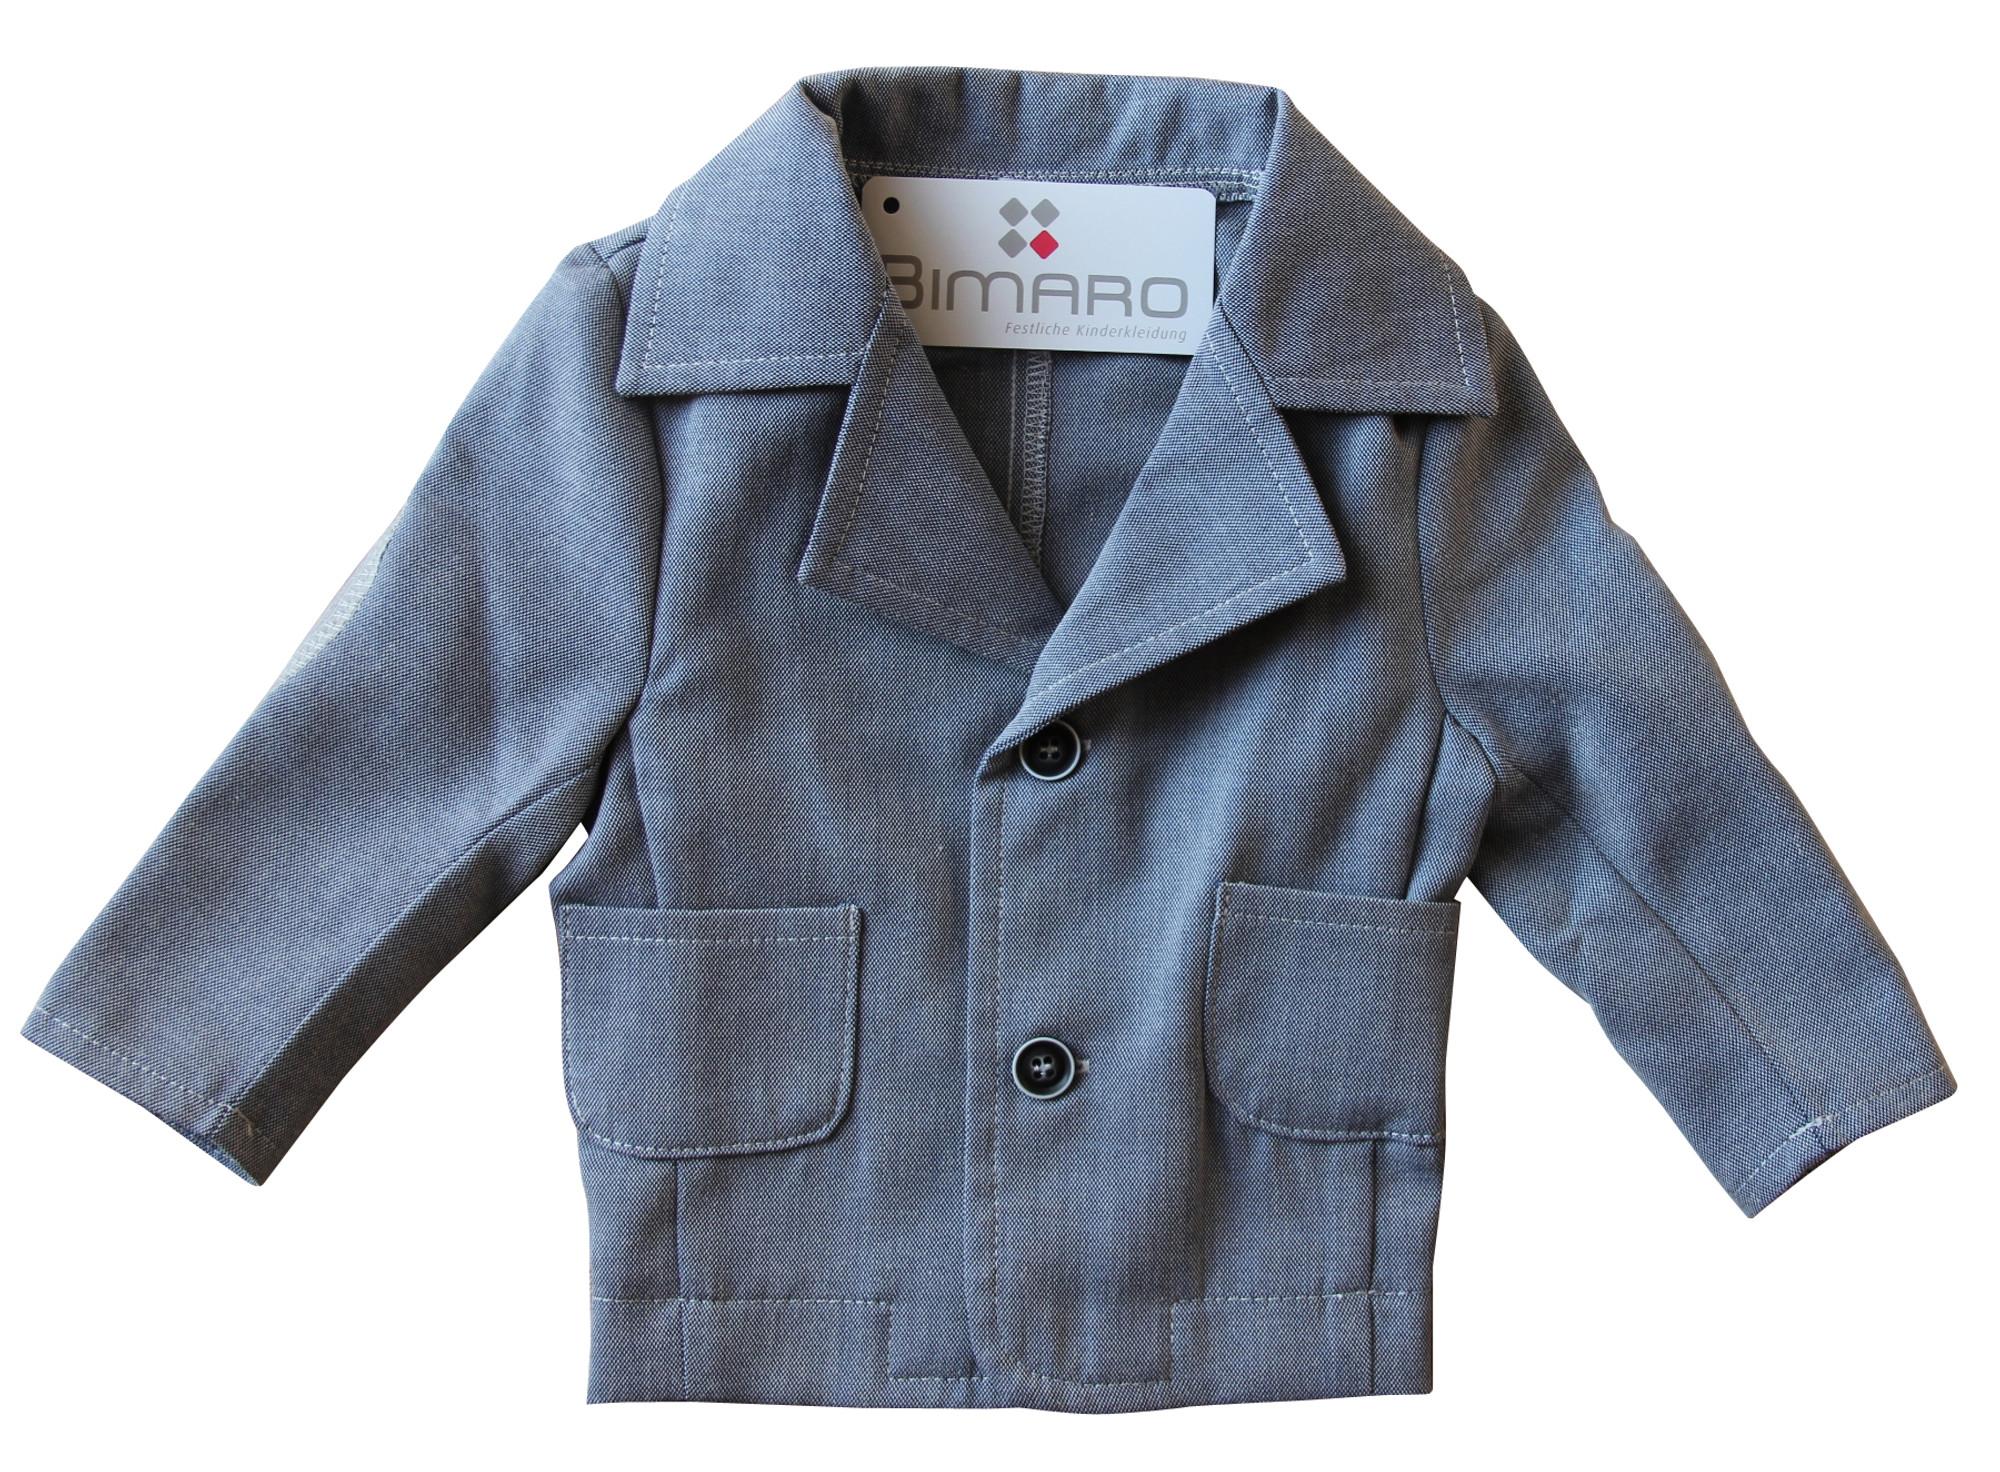 BIMARO Baby Jungen Sakko Noah grau meliert Jacke Babysakko Hochzeit Taufe festlich Anlass Jacket 001